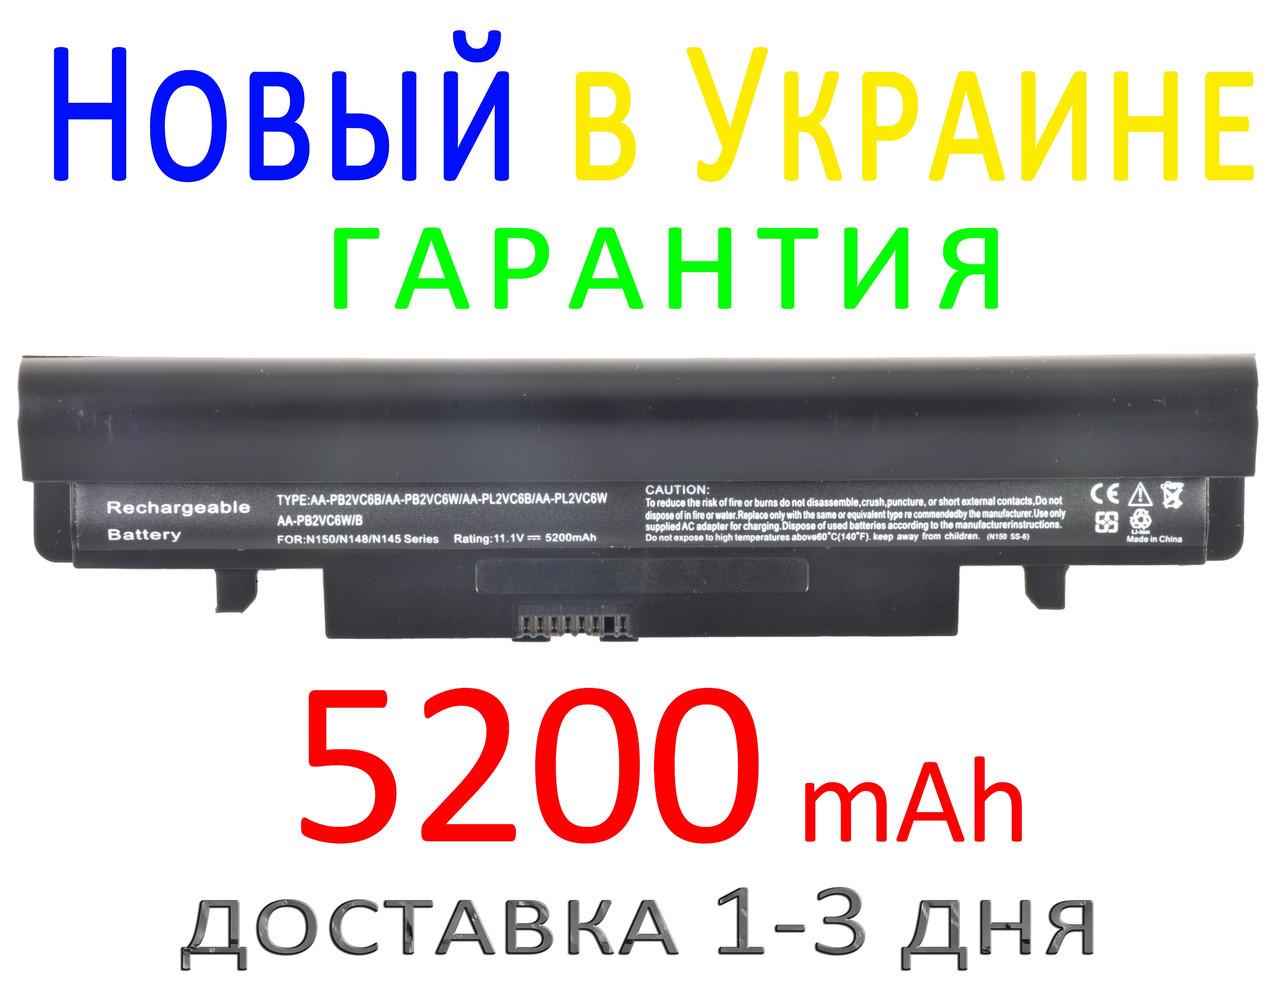 Аккумулятор батарея AA-PB2VC6B AA-PB2VC6W AA-PL2VC6B AA-PL2VC6W AA-PB2